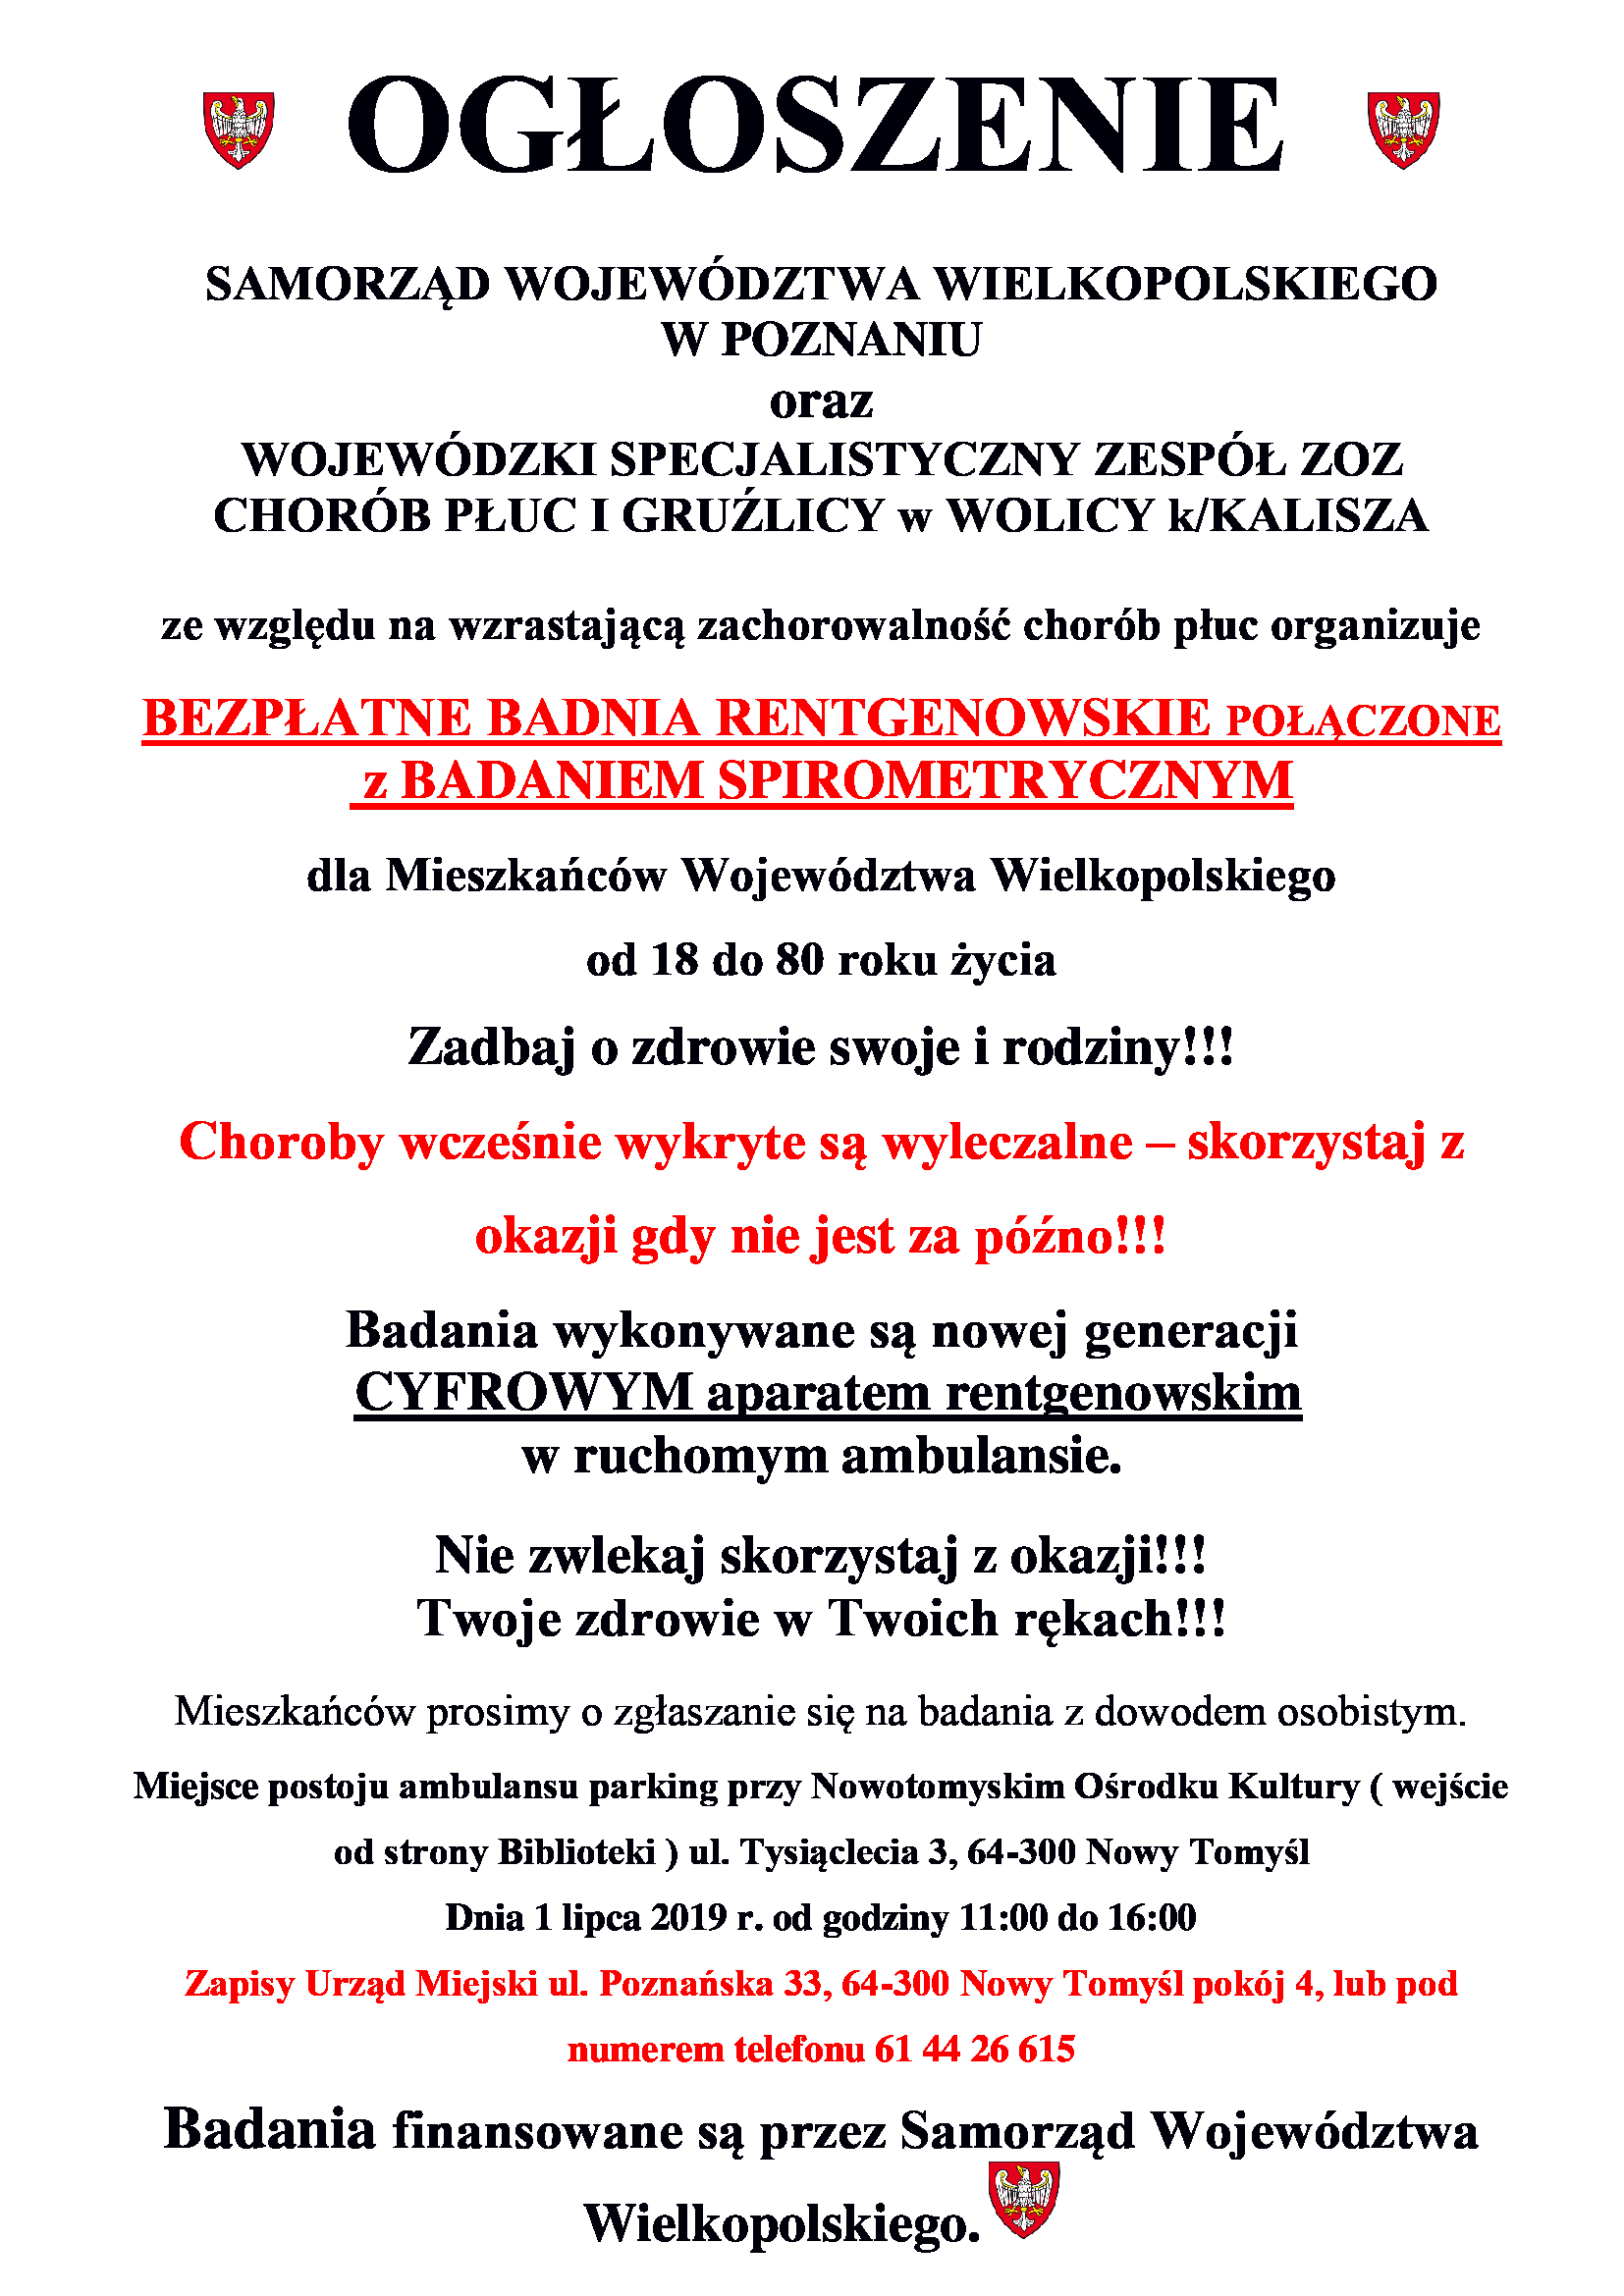 Ogłoszenie o bezpłatnych badaniach